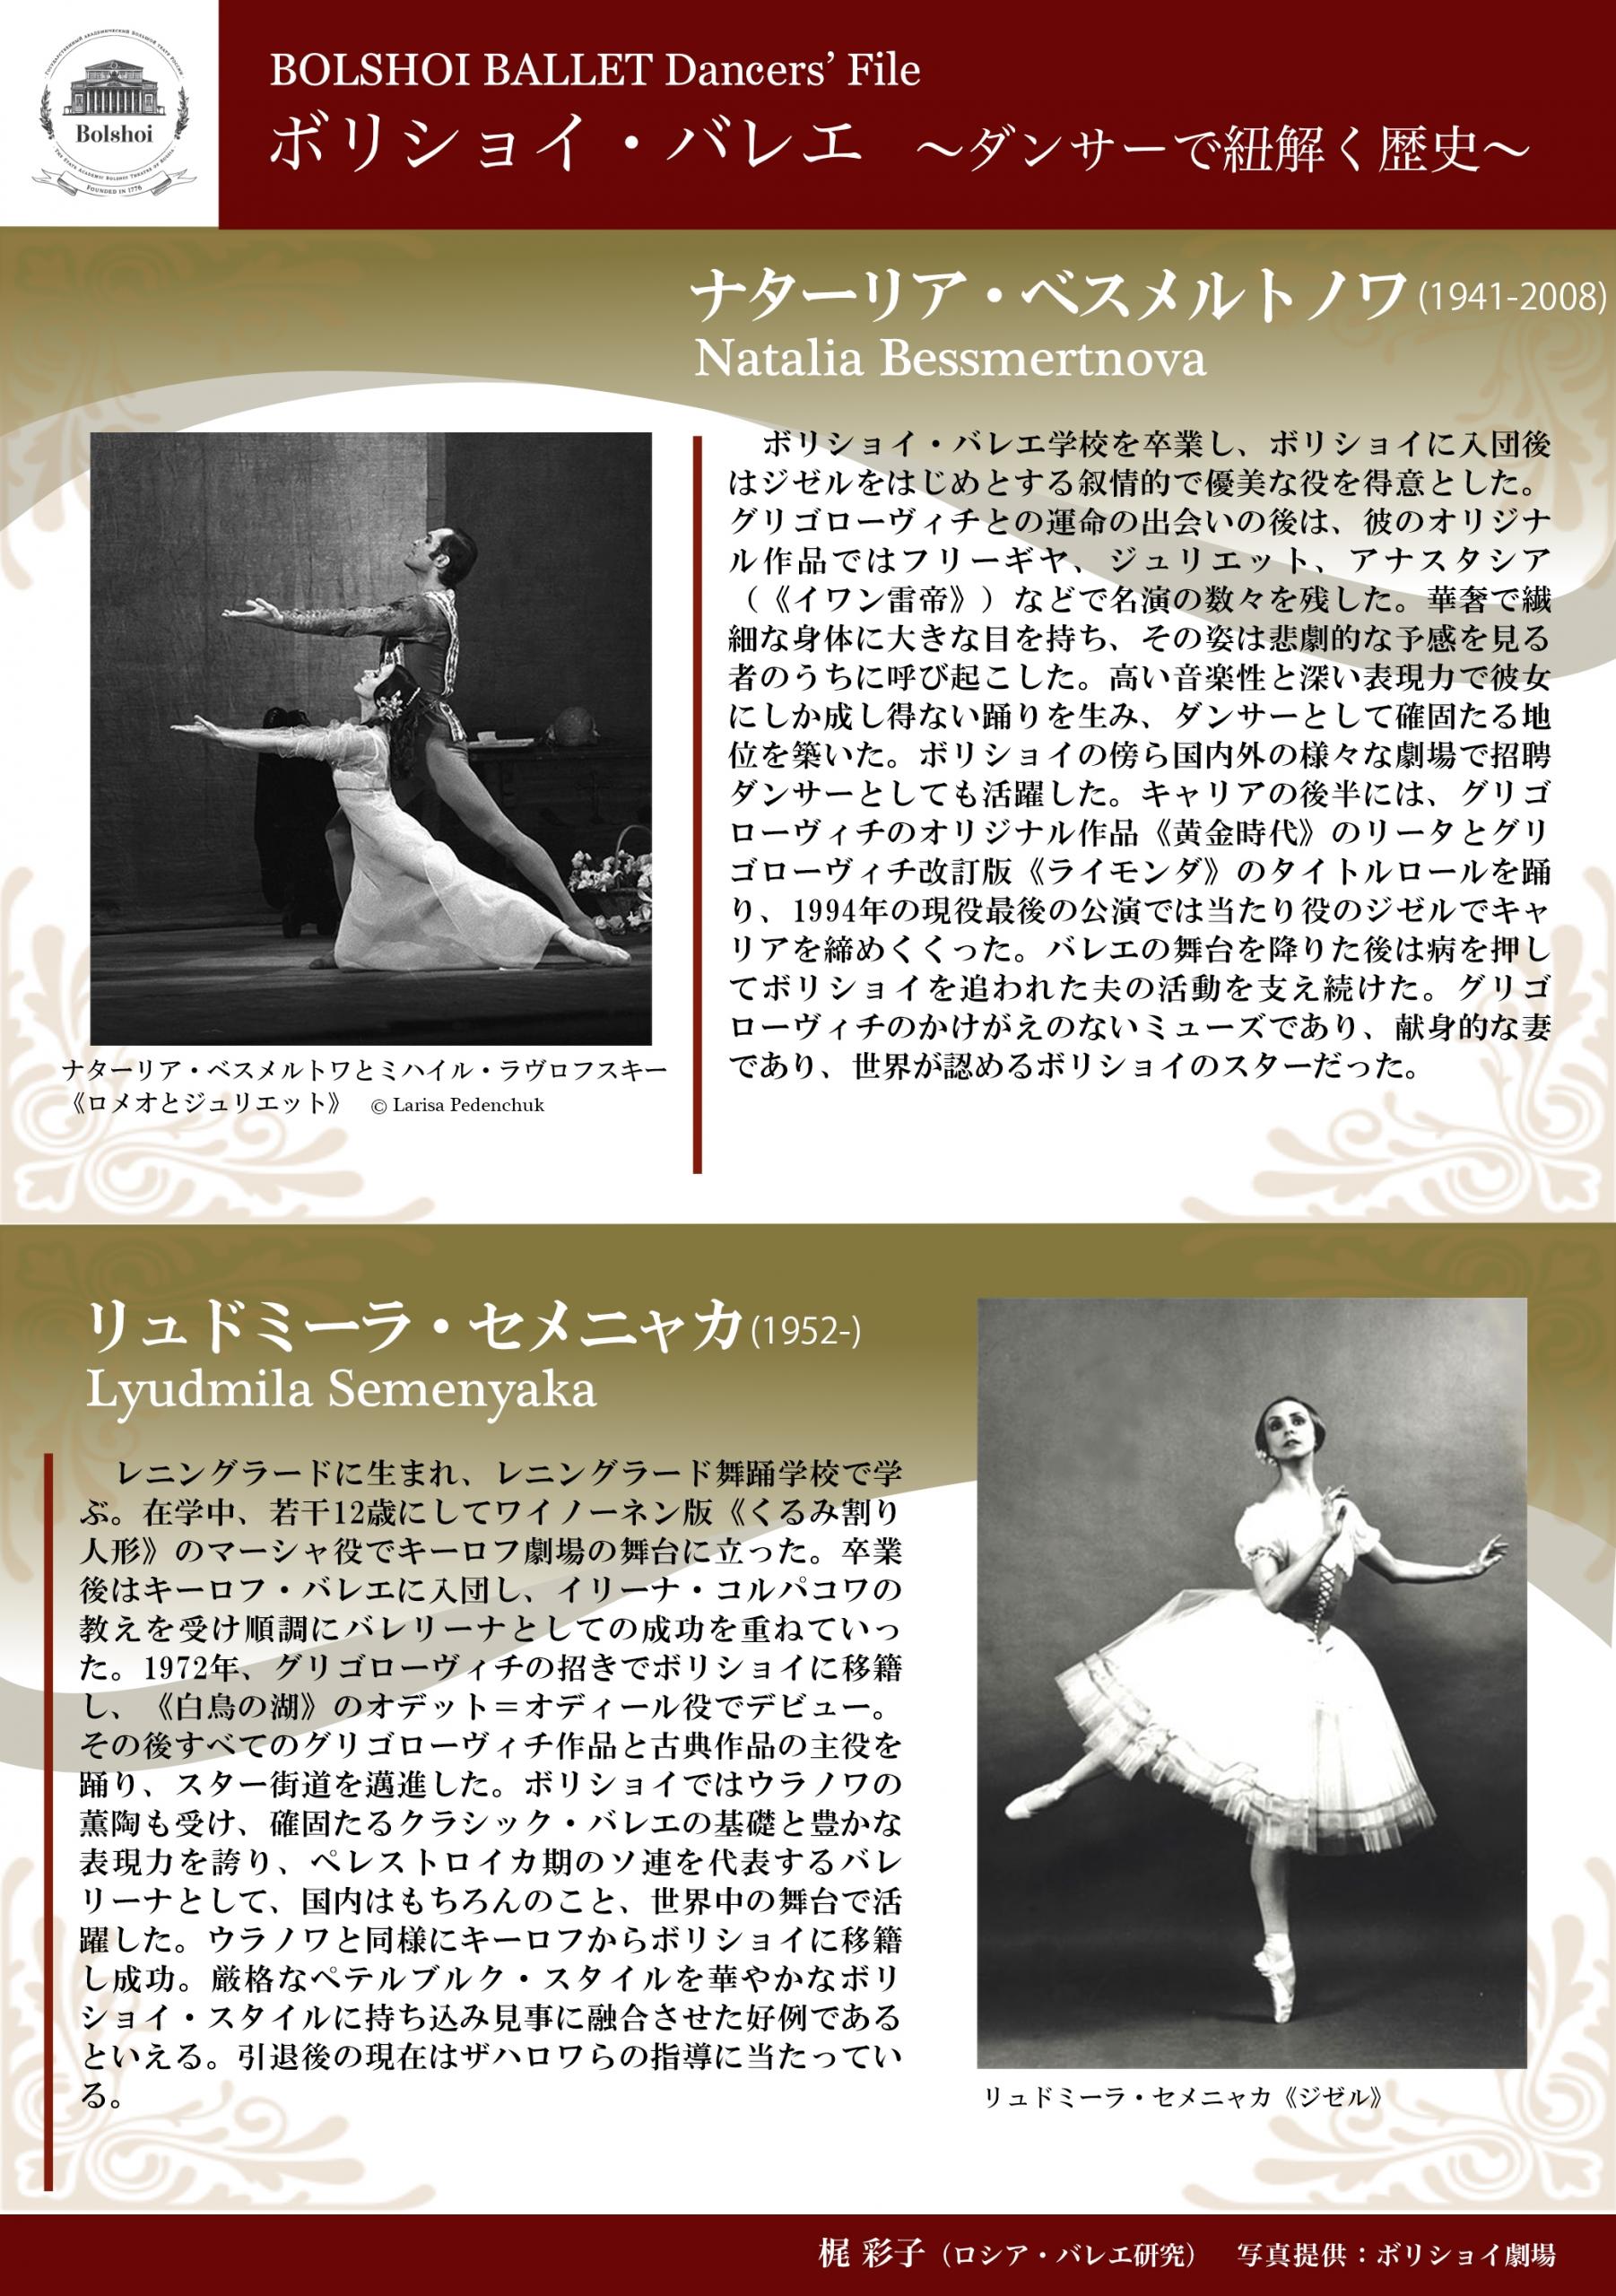 ボリショイ・バレエ 〜ダンサーで紐解く歴史〜vol.4